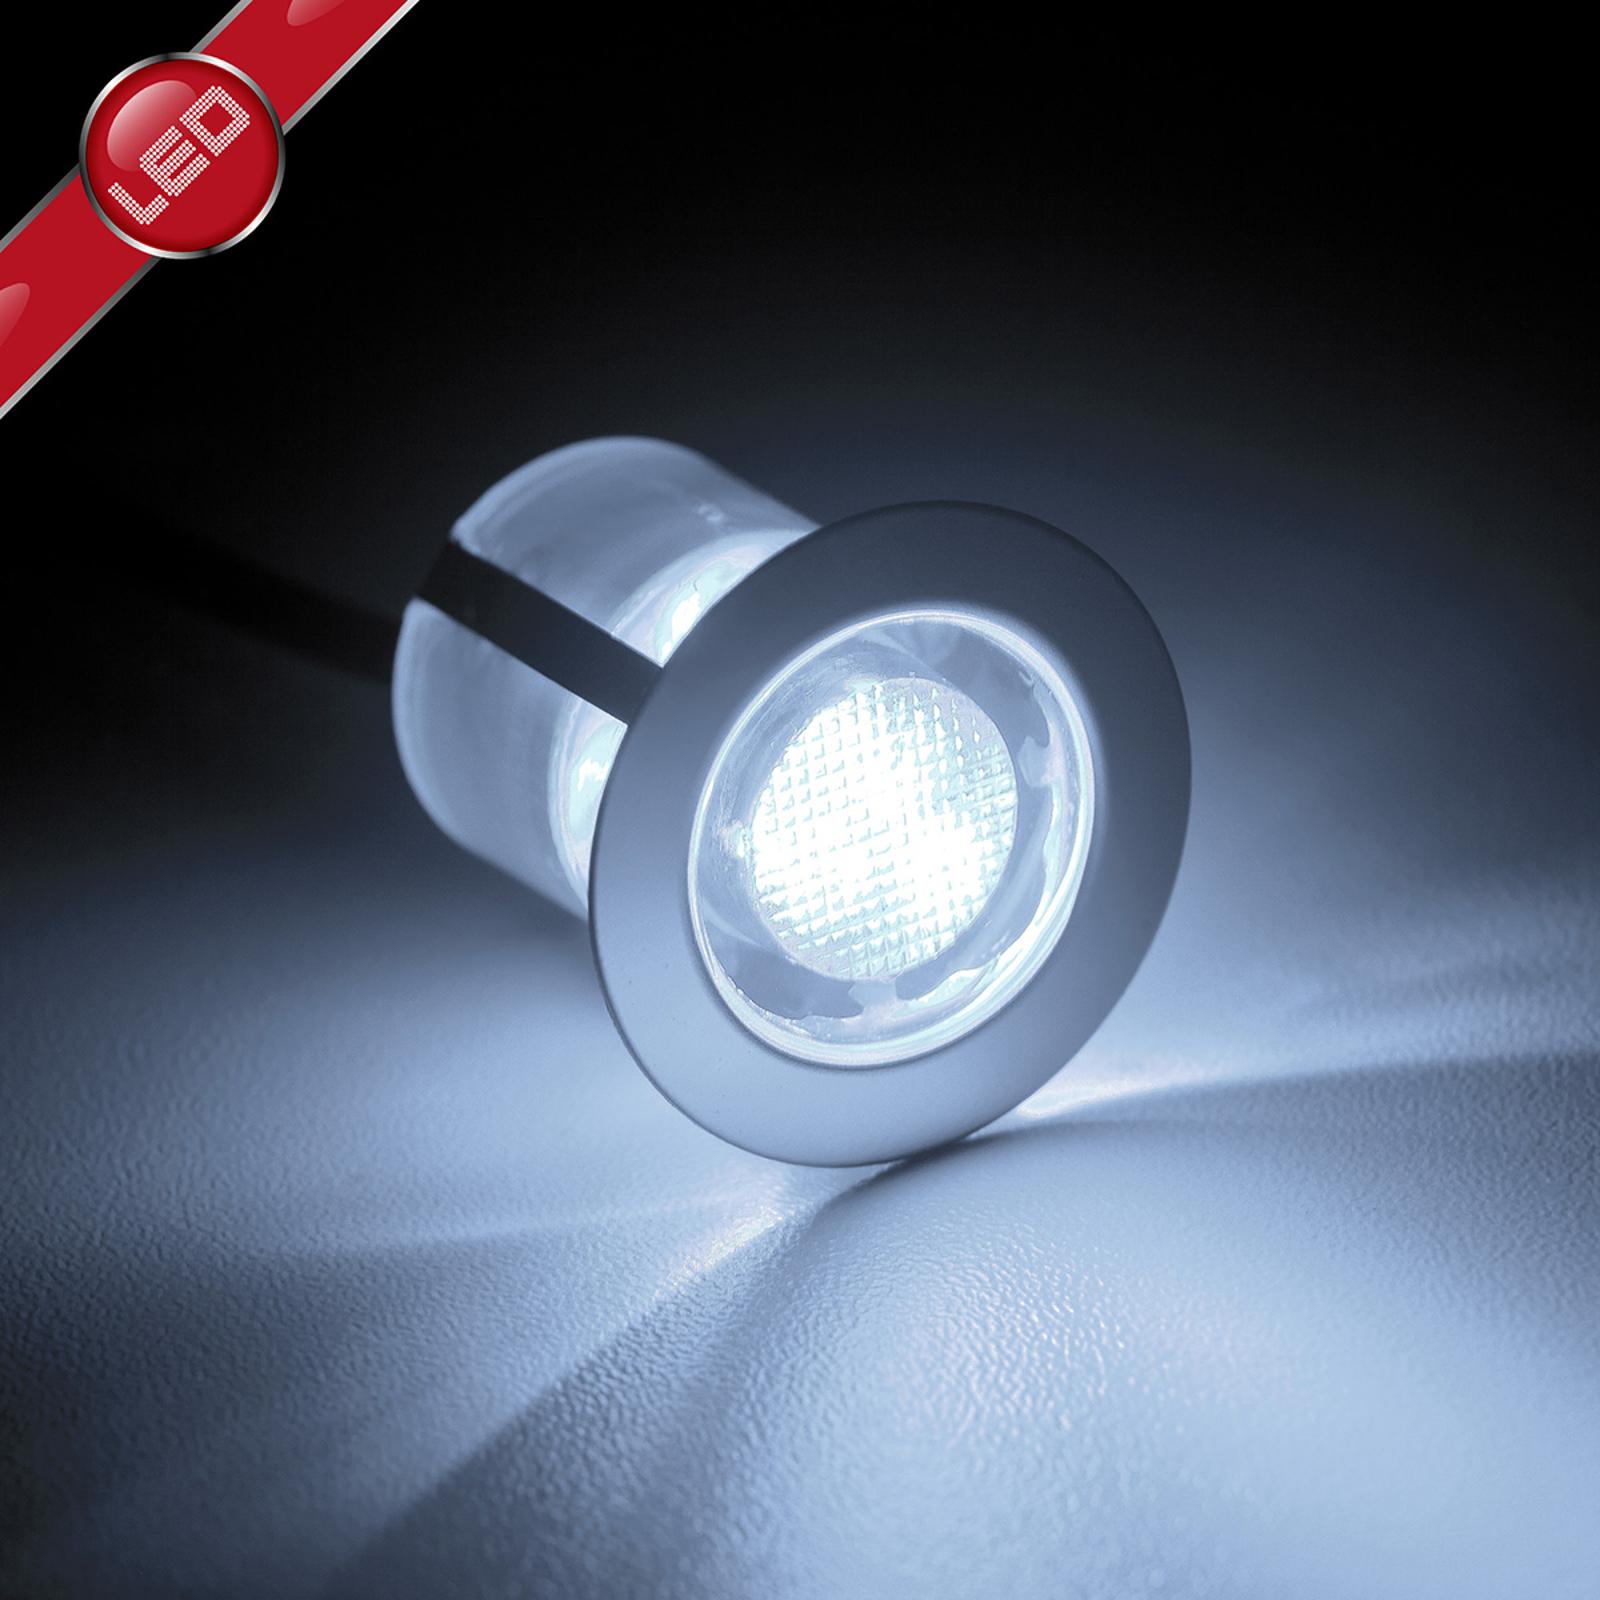 Cosa-LED-uppovalaisin 3 cm 10 kpl perusvalkoinen